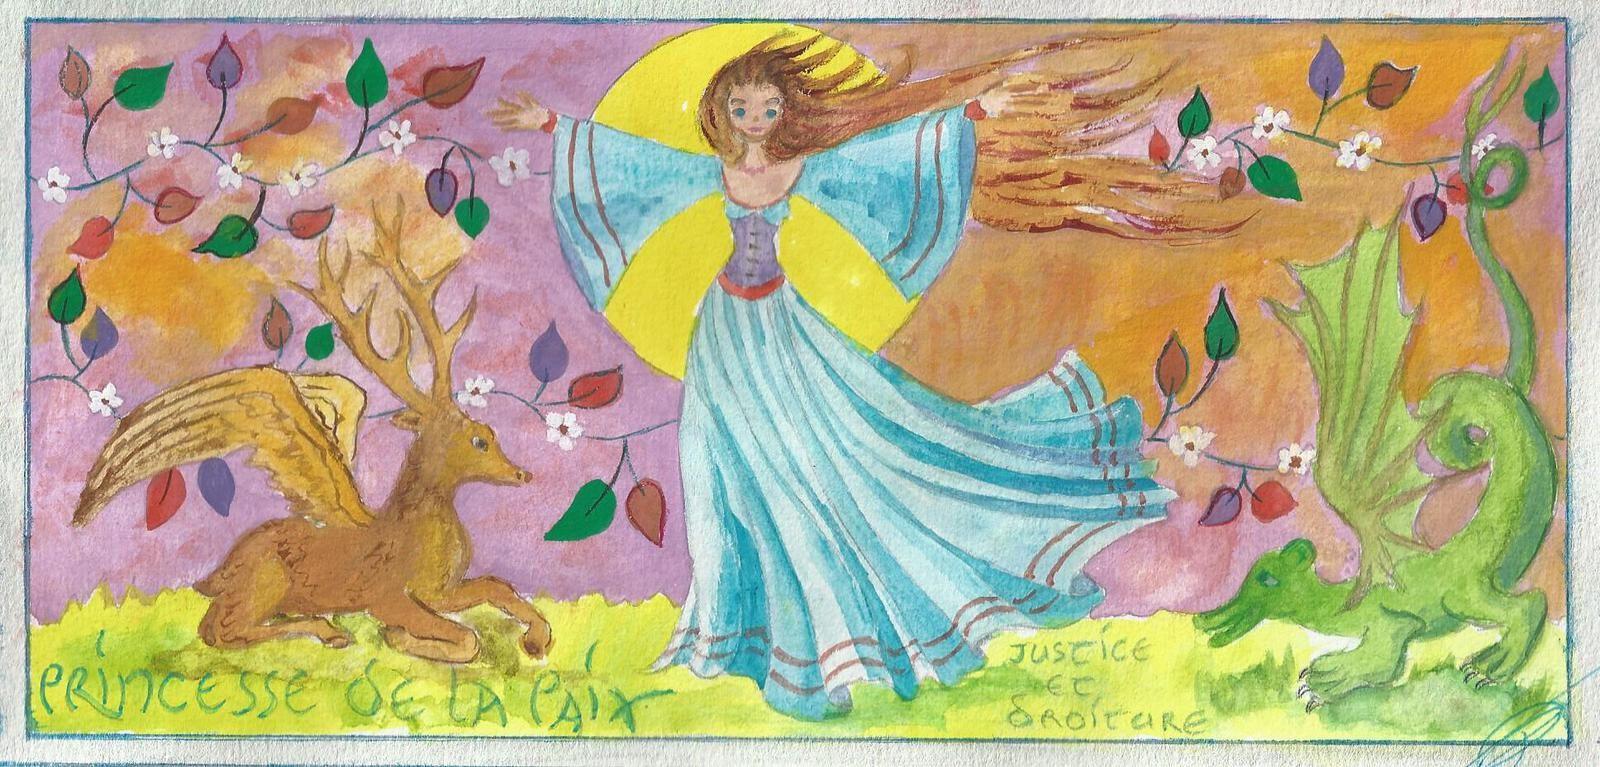 Princesse de la paix